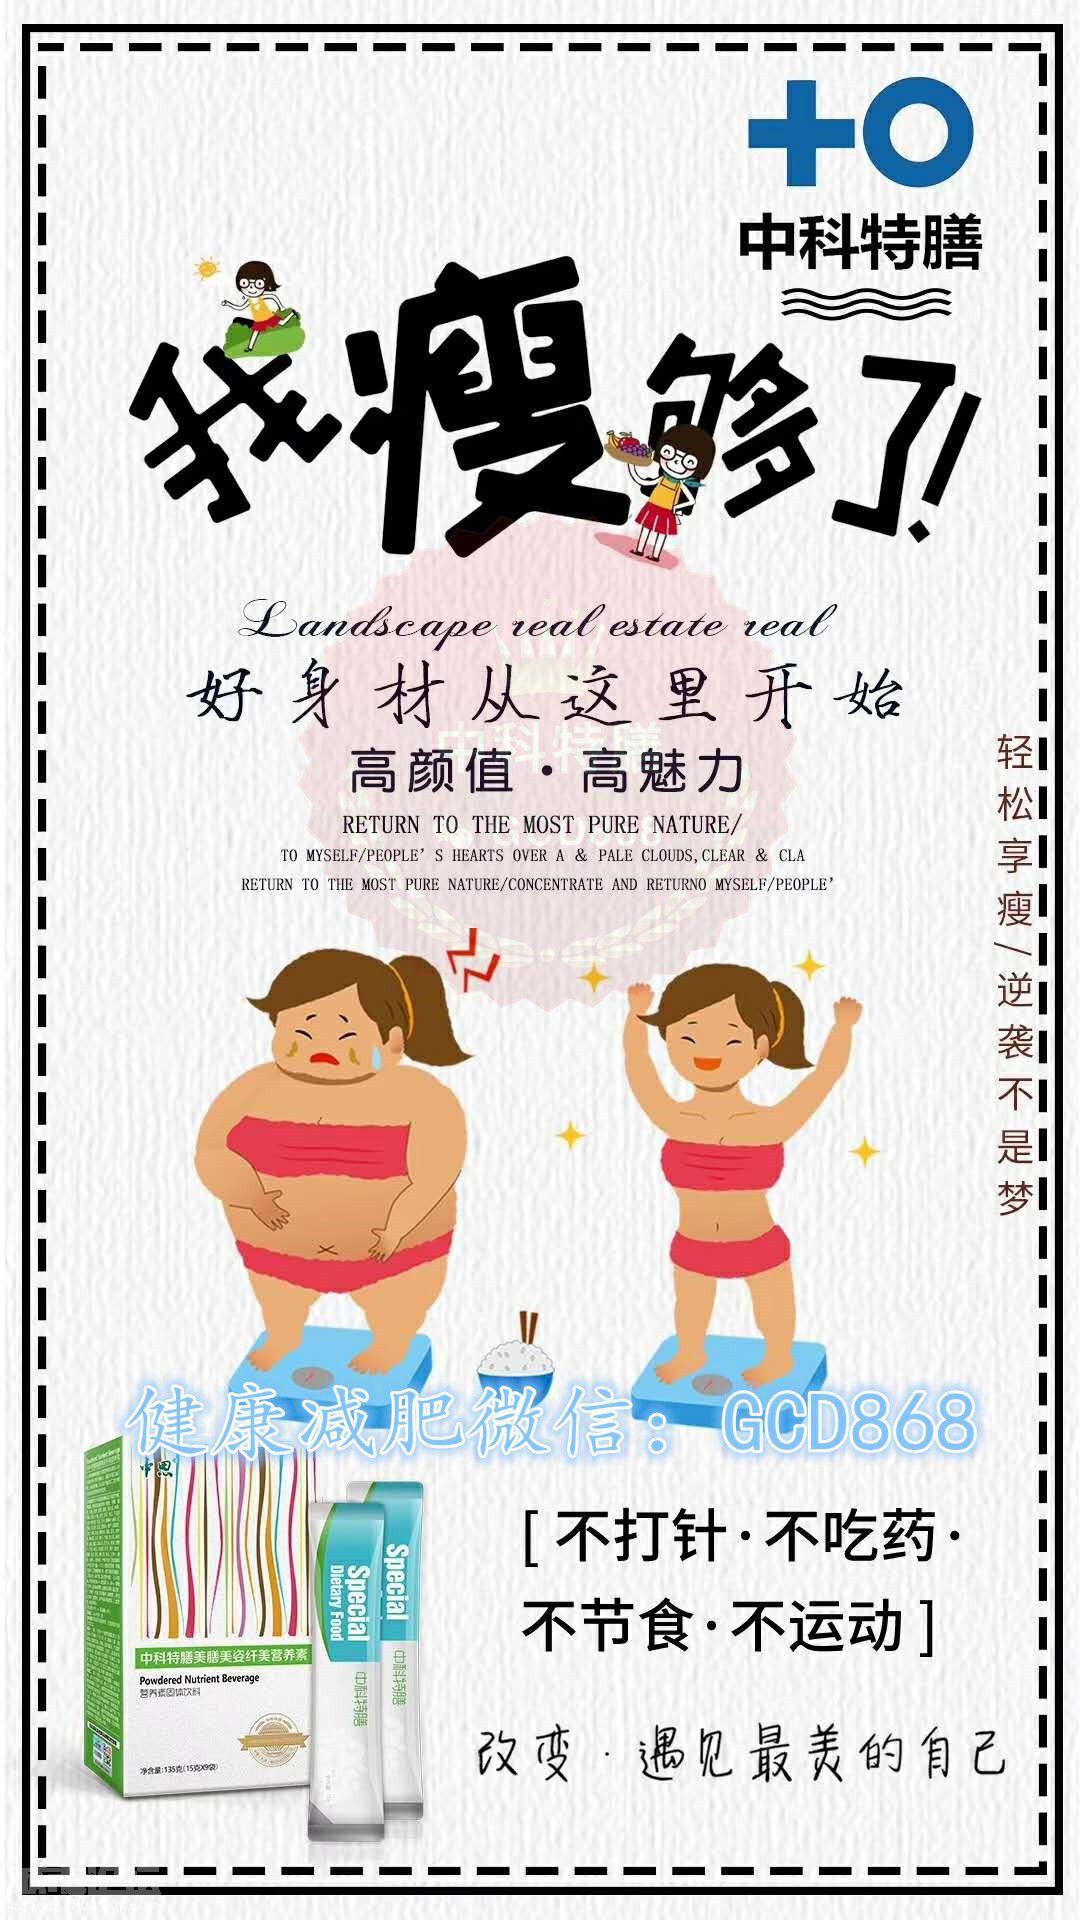 """节食""""食品安全国家标准预包装特殊膳食用状态标签""""(gb134322013)及""""按照处于食品图片"""